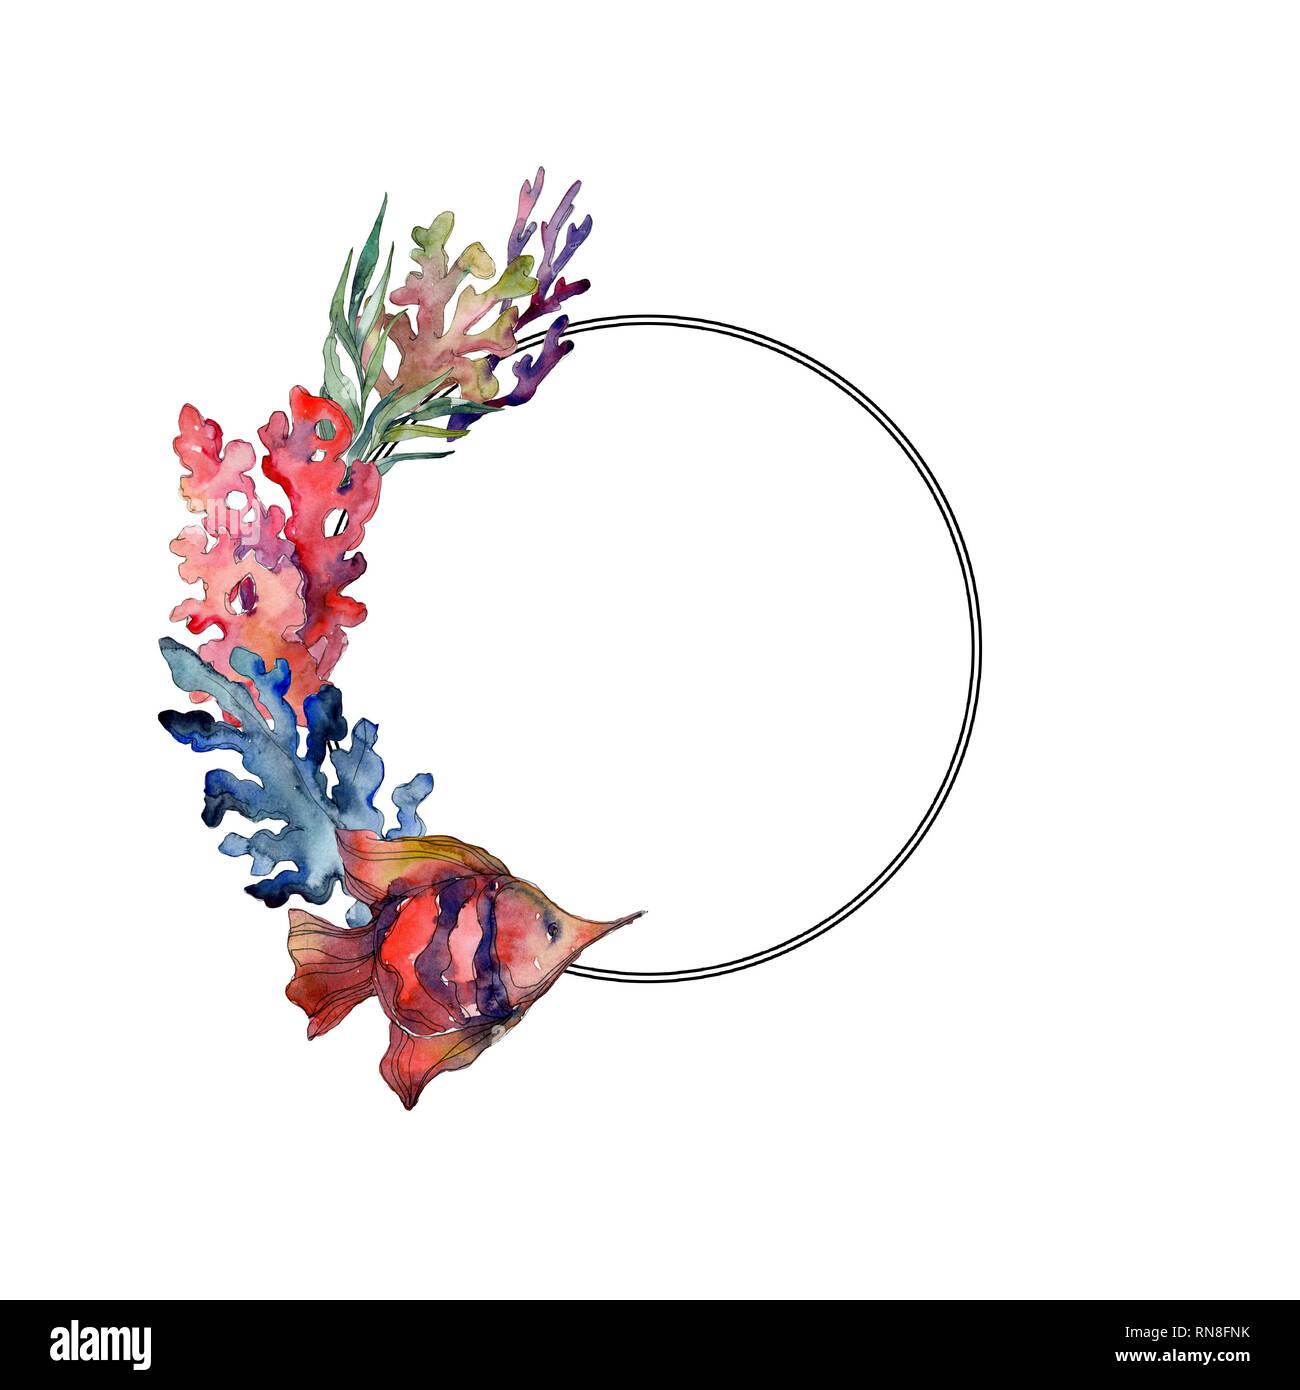 Rouge et bleu nature sous-marine aquatique coral reef. Jeu de fond à l'aquarelle. Bordure de cadre carré ornement. Banque D'Images